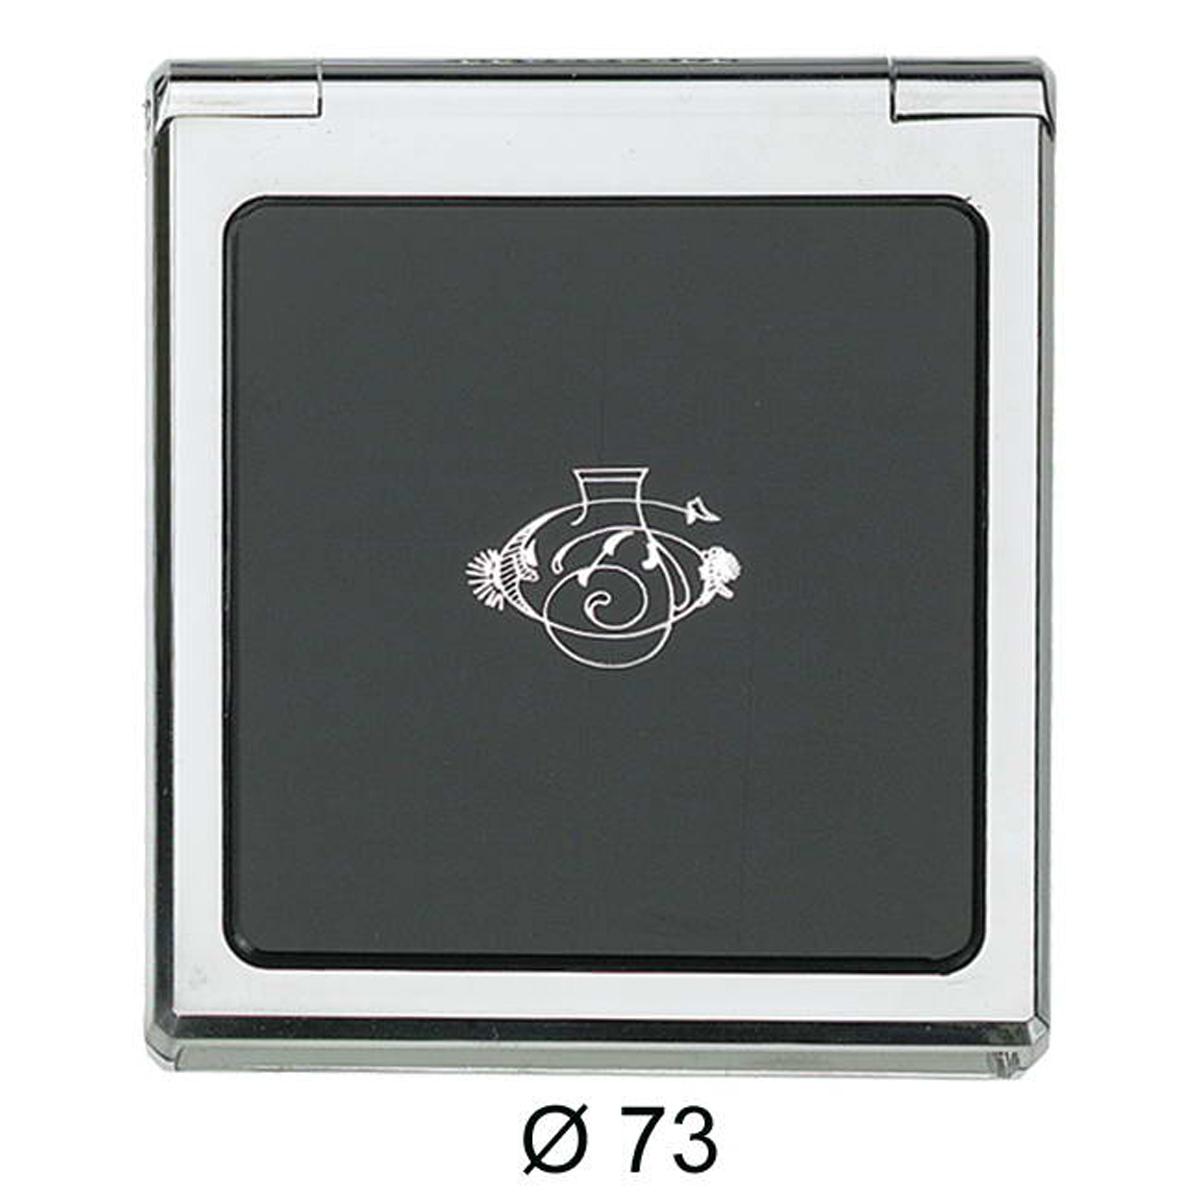 Janeke Зеркало карманое, прямоугольное, линзы ZEISS, D73, CR856.3.587326Марка Janeke – мировой лидер по производству расчесок, щеток, маникюрных принадлежностей, зеркал и косметичек. Марка Janeke, основанная в 1830 году, вот уже почти 180 лет поддерживает непревзойденное качество своей продукции, сочетая новейшие технологии с традициями ста- рых миланских мастеров. Все изделия на 80% производятся вручную, а инновационные технологии и современные материалы делают продукцию марки поистине уникальной. Стильный и эргономичный дизайн, яркие цветовые решения – все это приносит истин- ное удовольствие от использования аксессуаров Janeke. Компактные зеркала Janeke имеют линзы с обычным и трехкратным увеличением, которые позволяют быстро и легко поправить макияж в дороге. А благодаря стильному дизайну и миниатюрному размеру компактное зеркало Janeke станет любимым аксессуаром любой женщины.